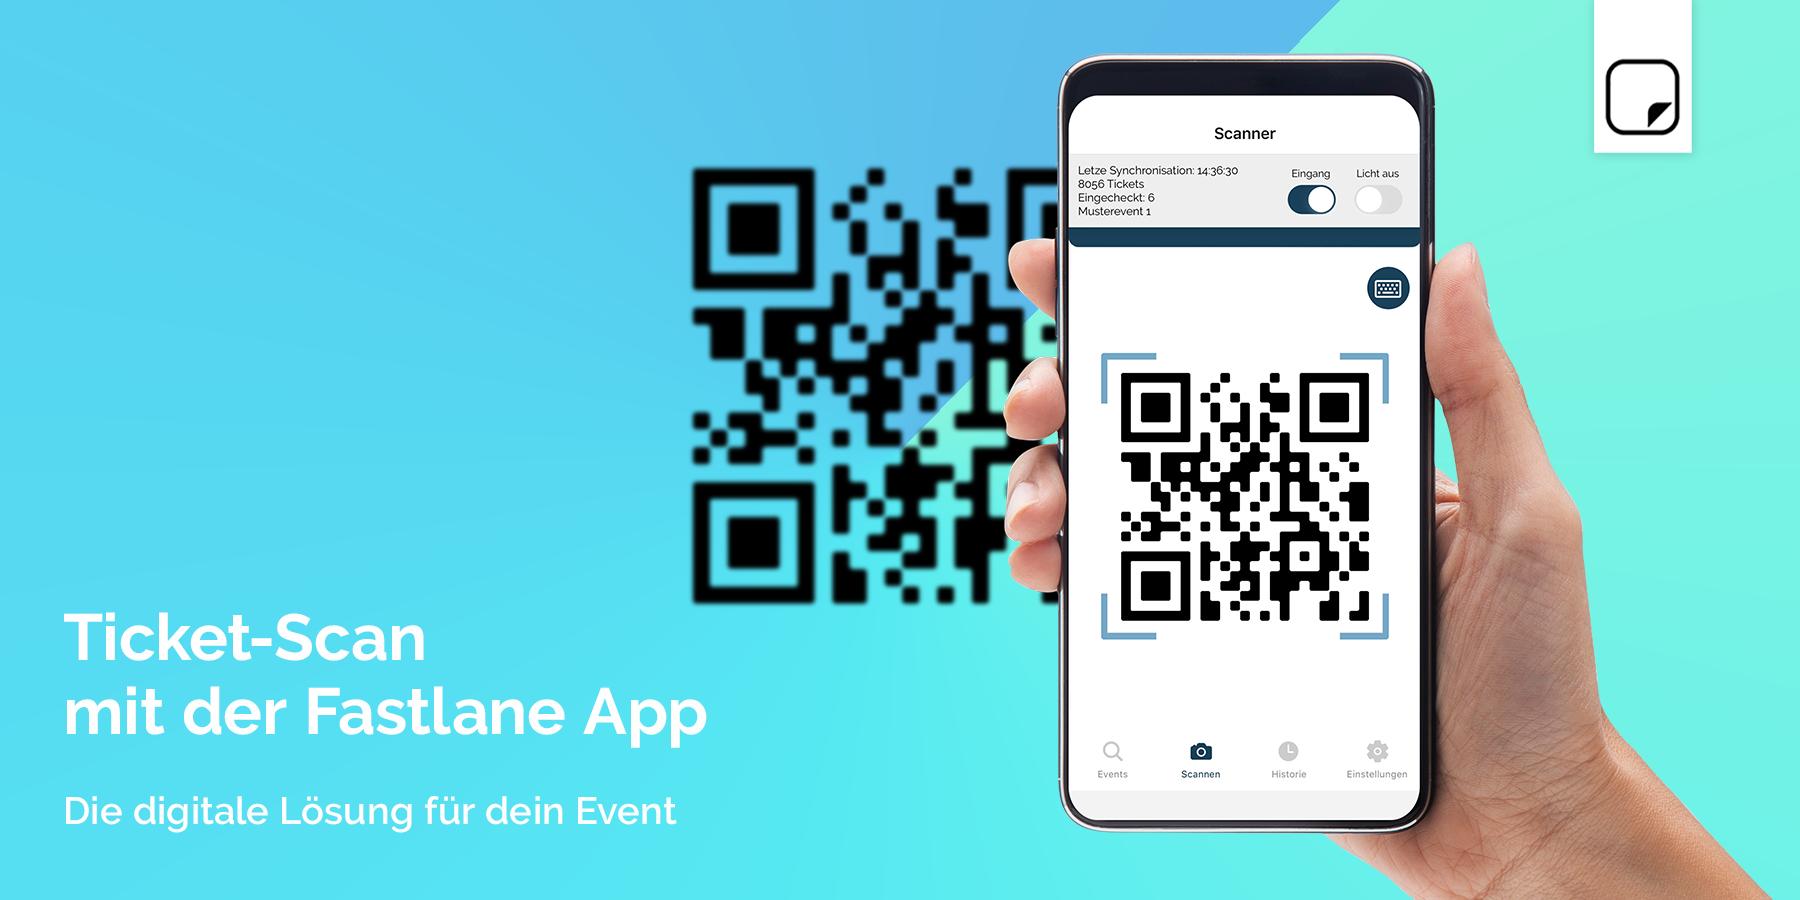 Einlassmanagement Fastlane App